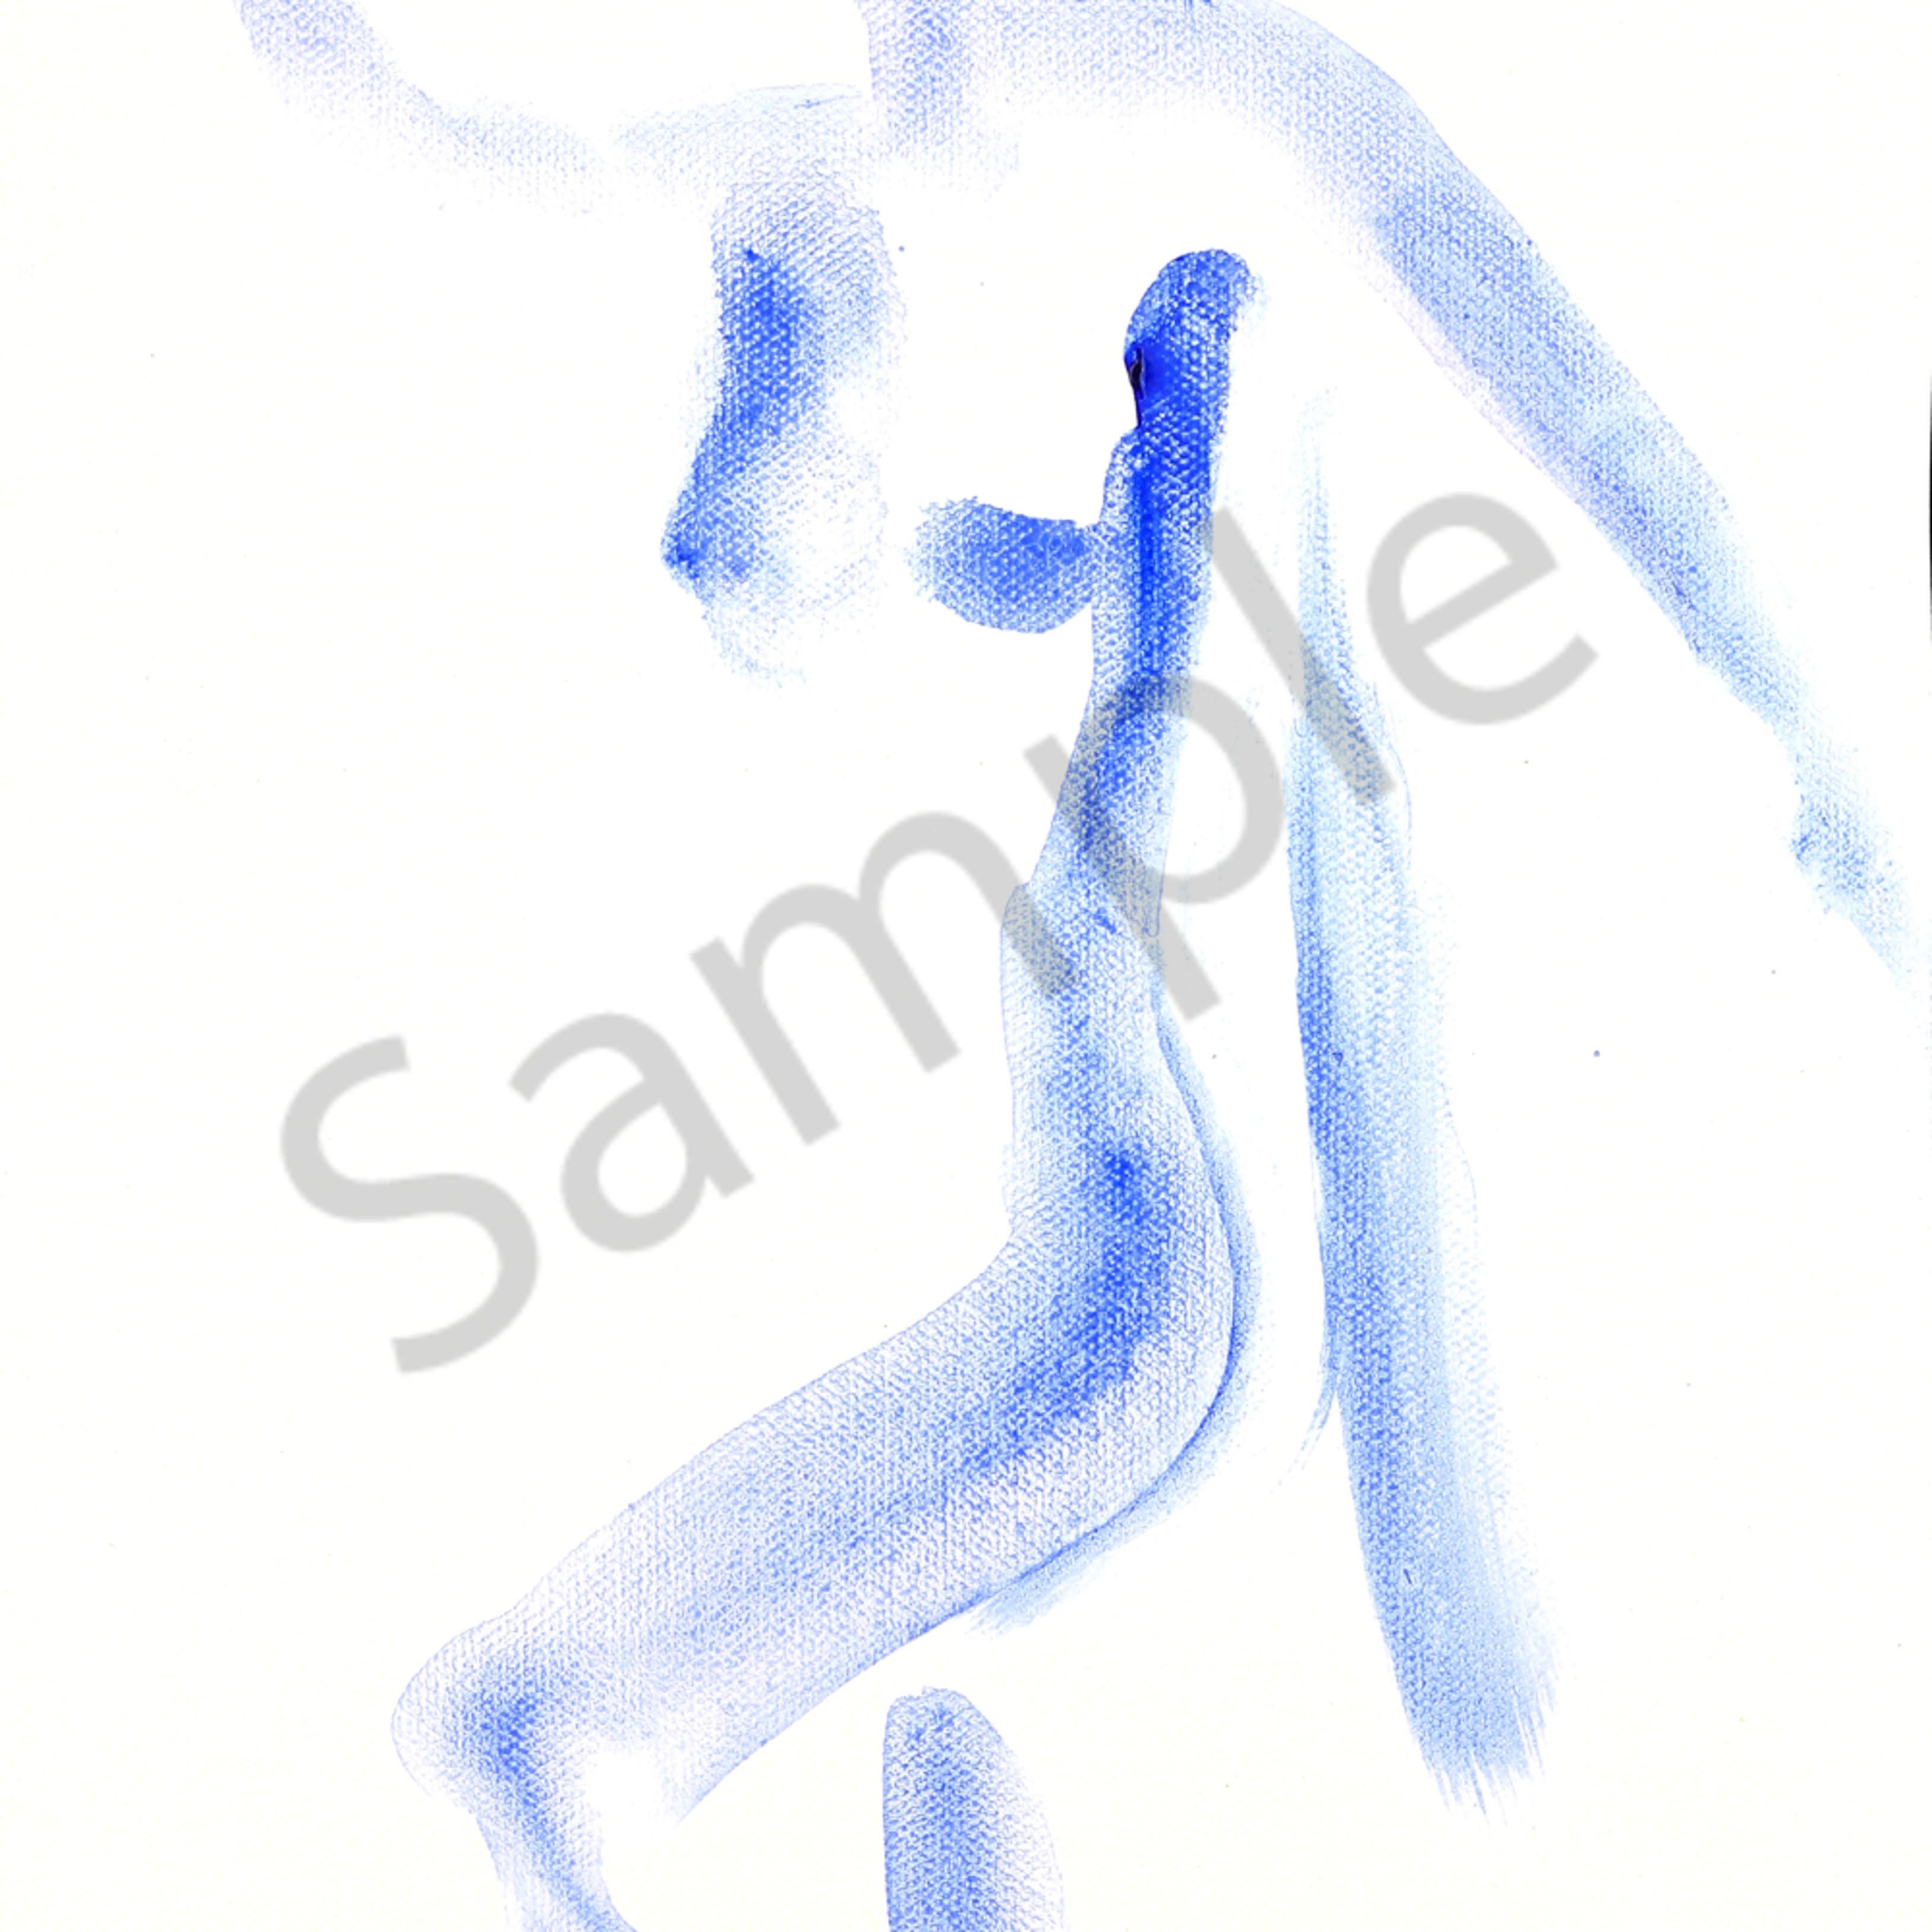 Sk01096 partdeepblue po wdfo9o